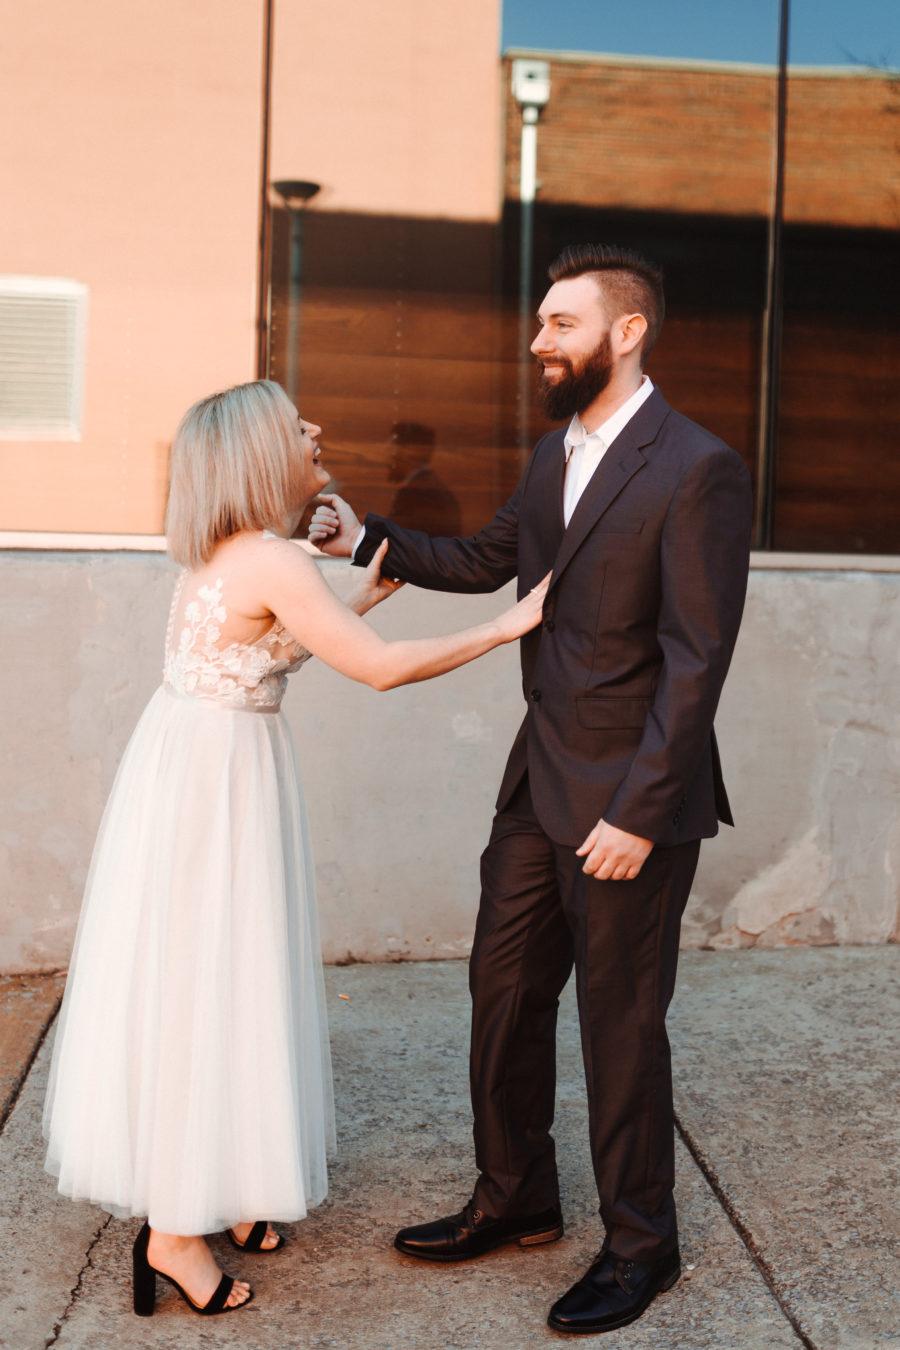 Nashville Wedding Photography: Nashville brunch elopement featured on Nashville Bride Guide